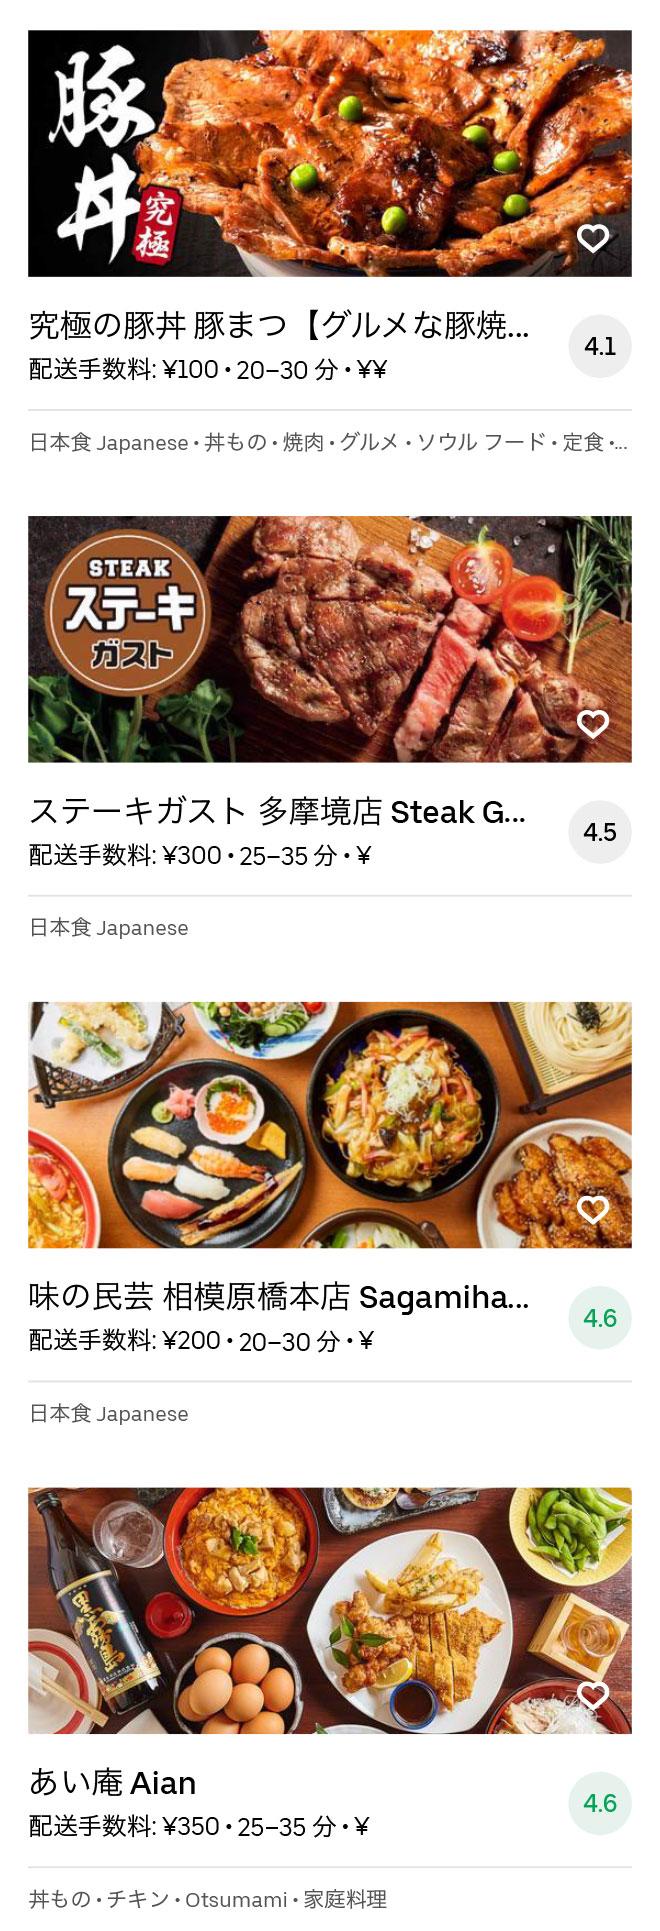 Hashimoto menu 2008 10